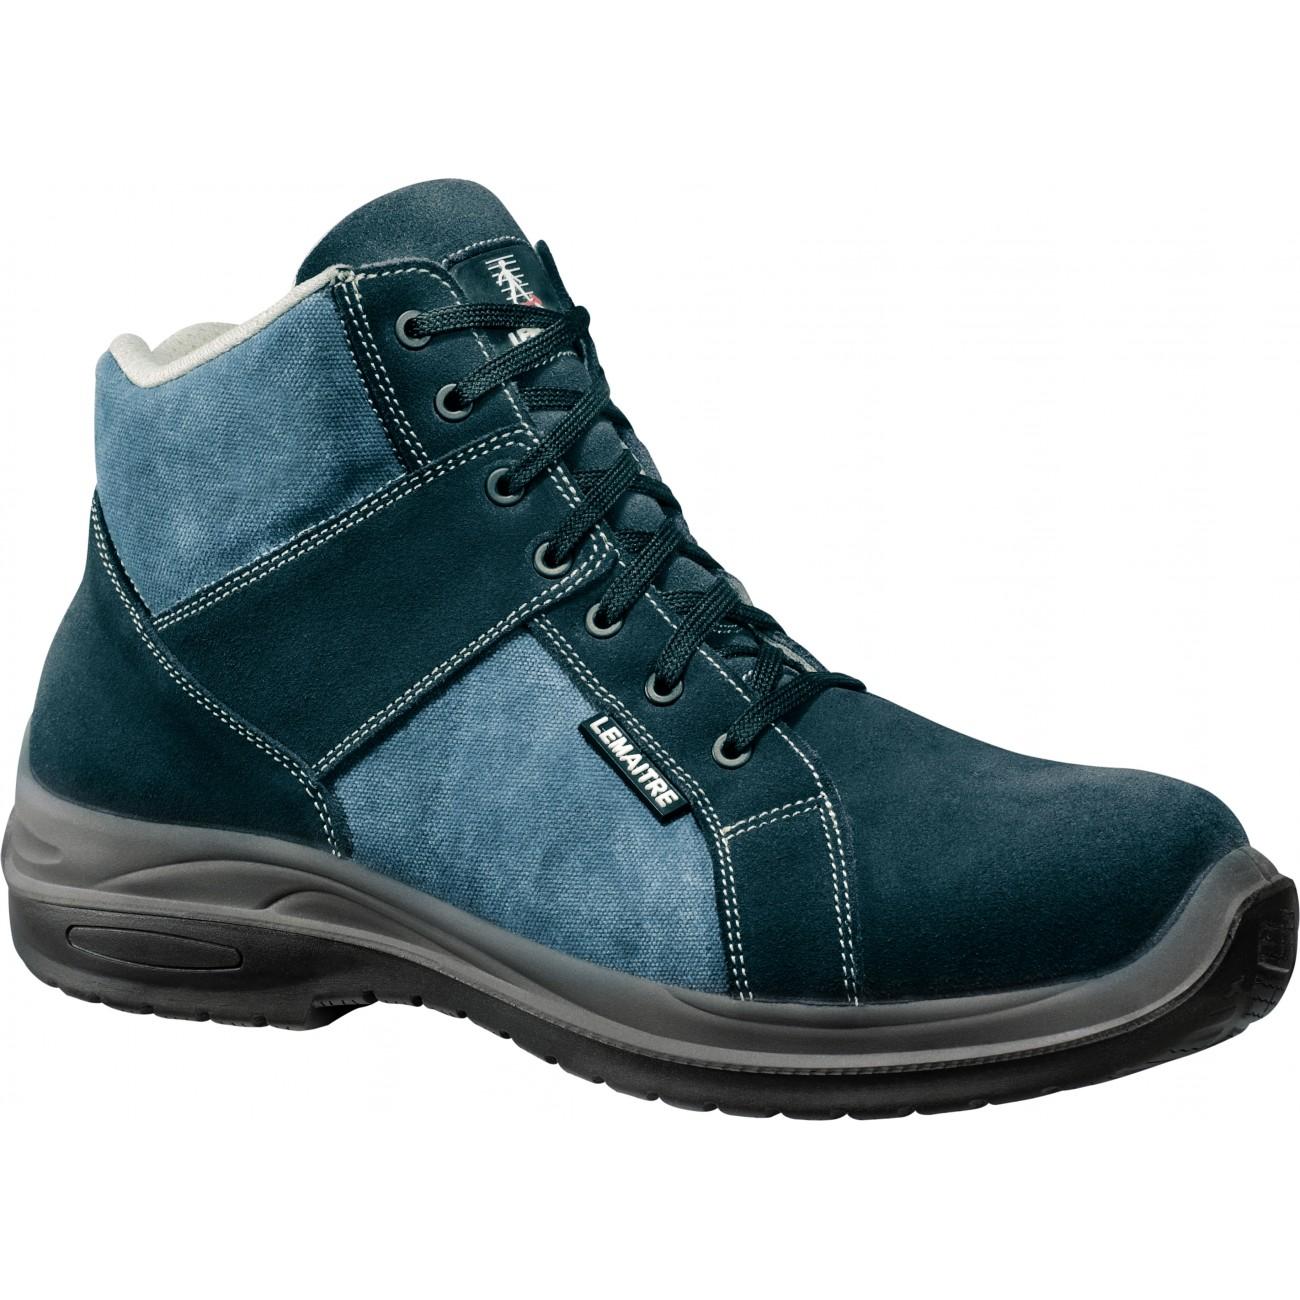 Chaussure de sécurité : une bonne chaussure ?